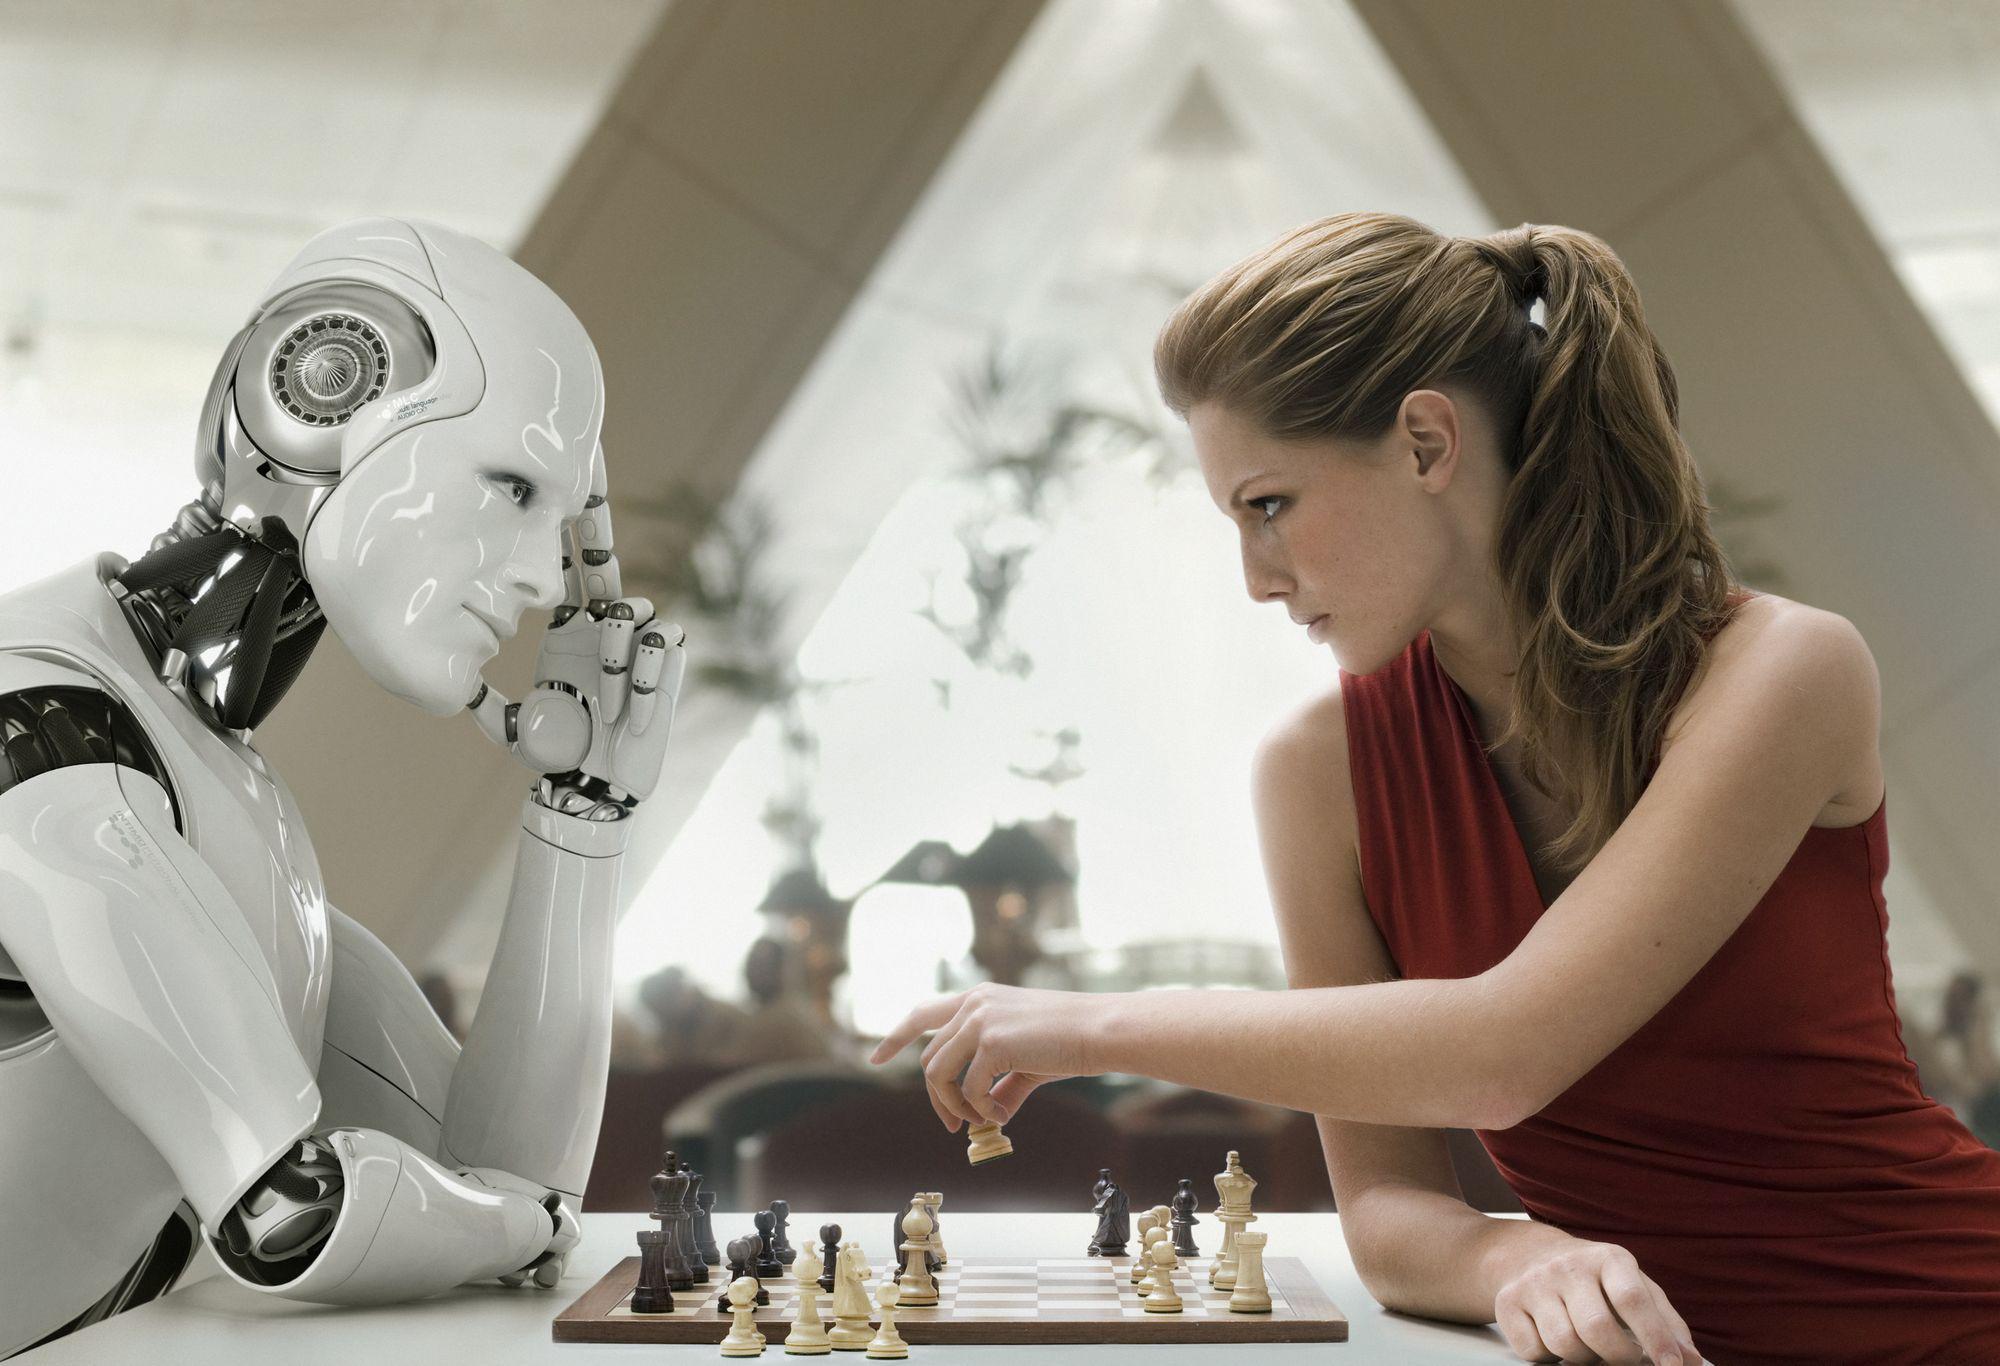 Schaakpartij met robot